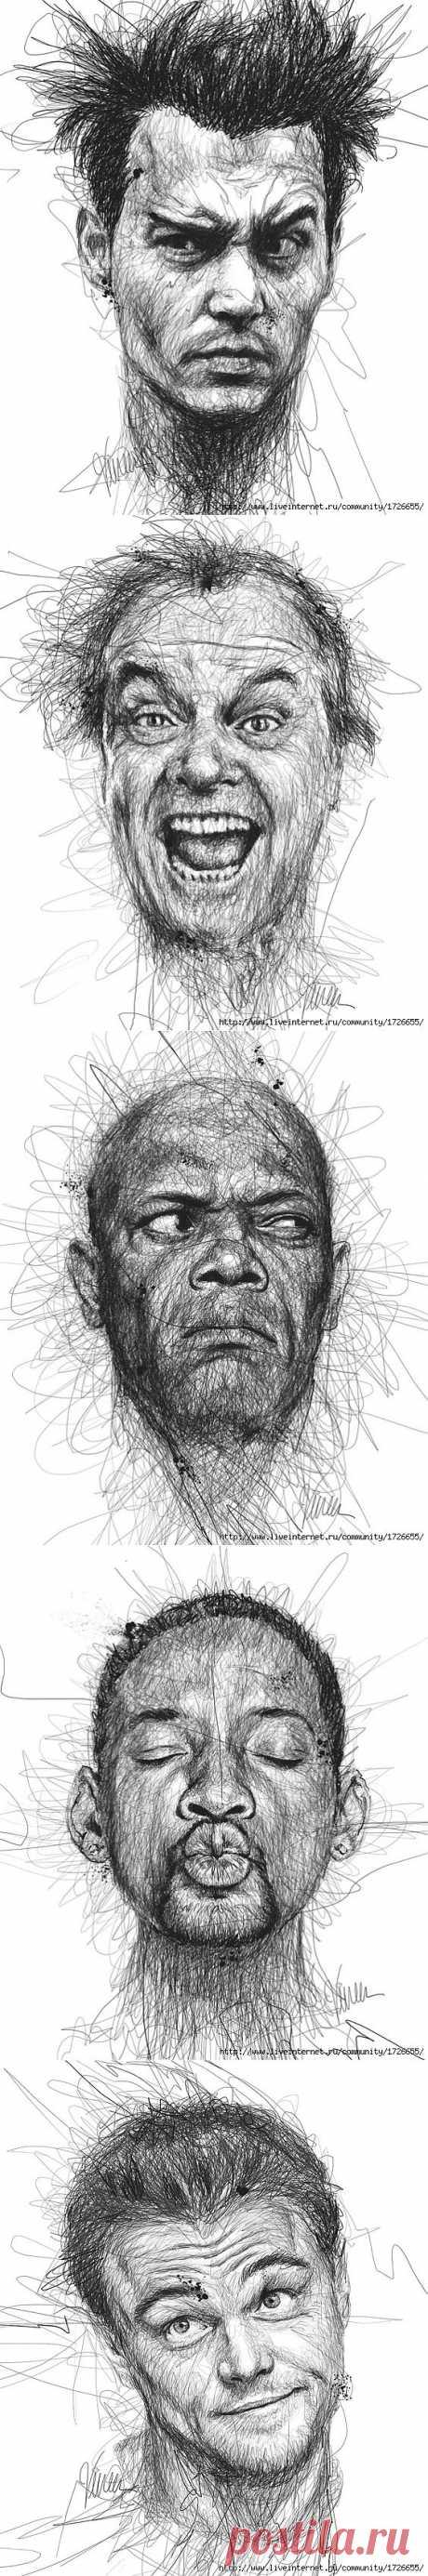 Дислексия и Художник.... Художник Винс Лоу нарисовал изумительные портреты знаменитостей при помощи обычного детского карандаша. При том, что мастер с детства страдал дислексией.